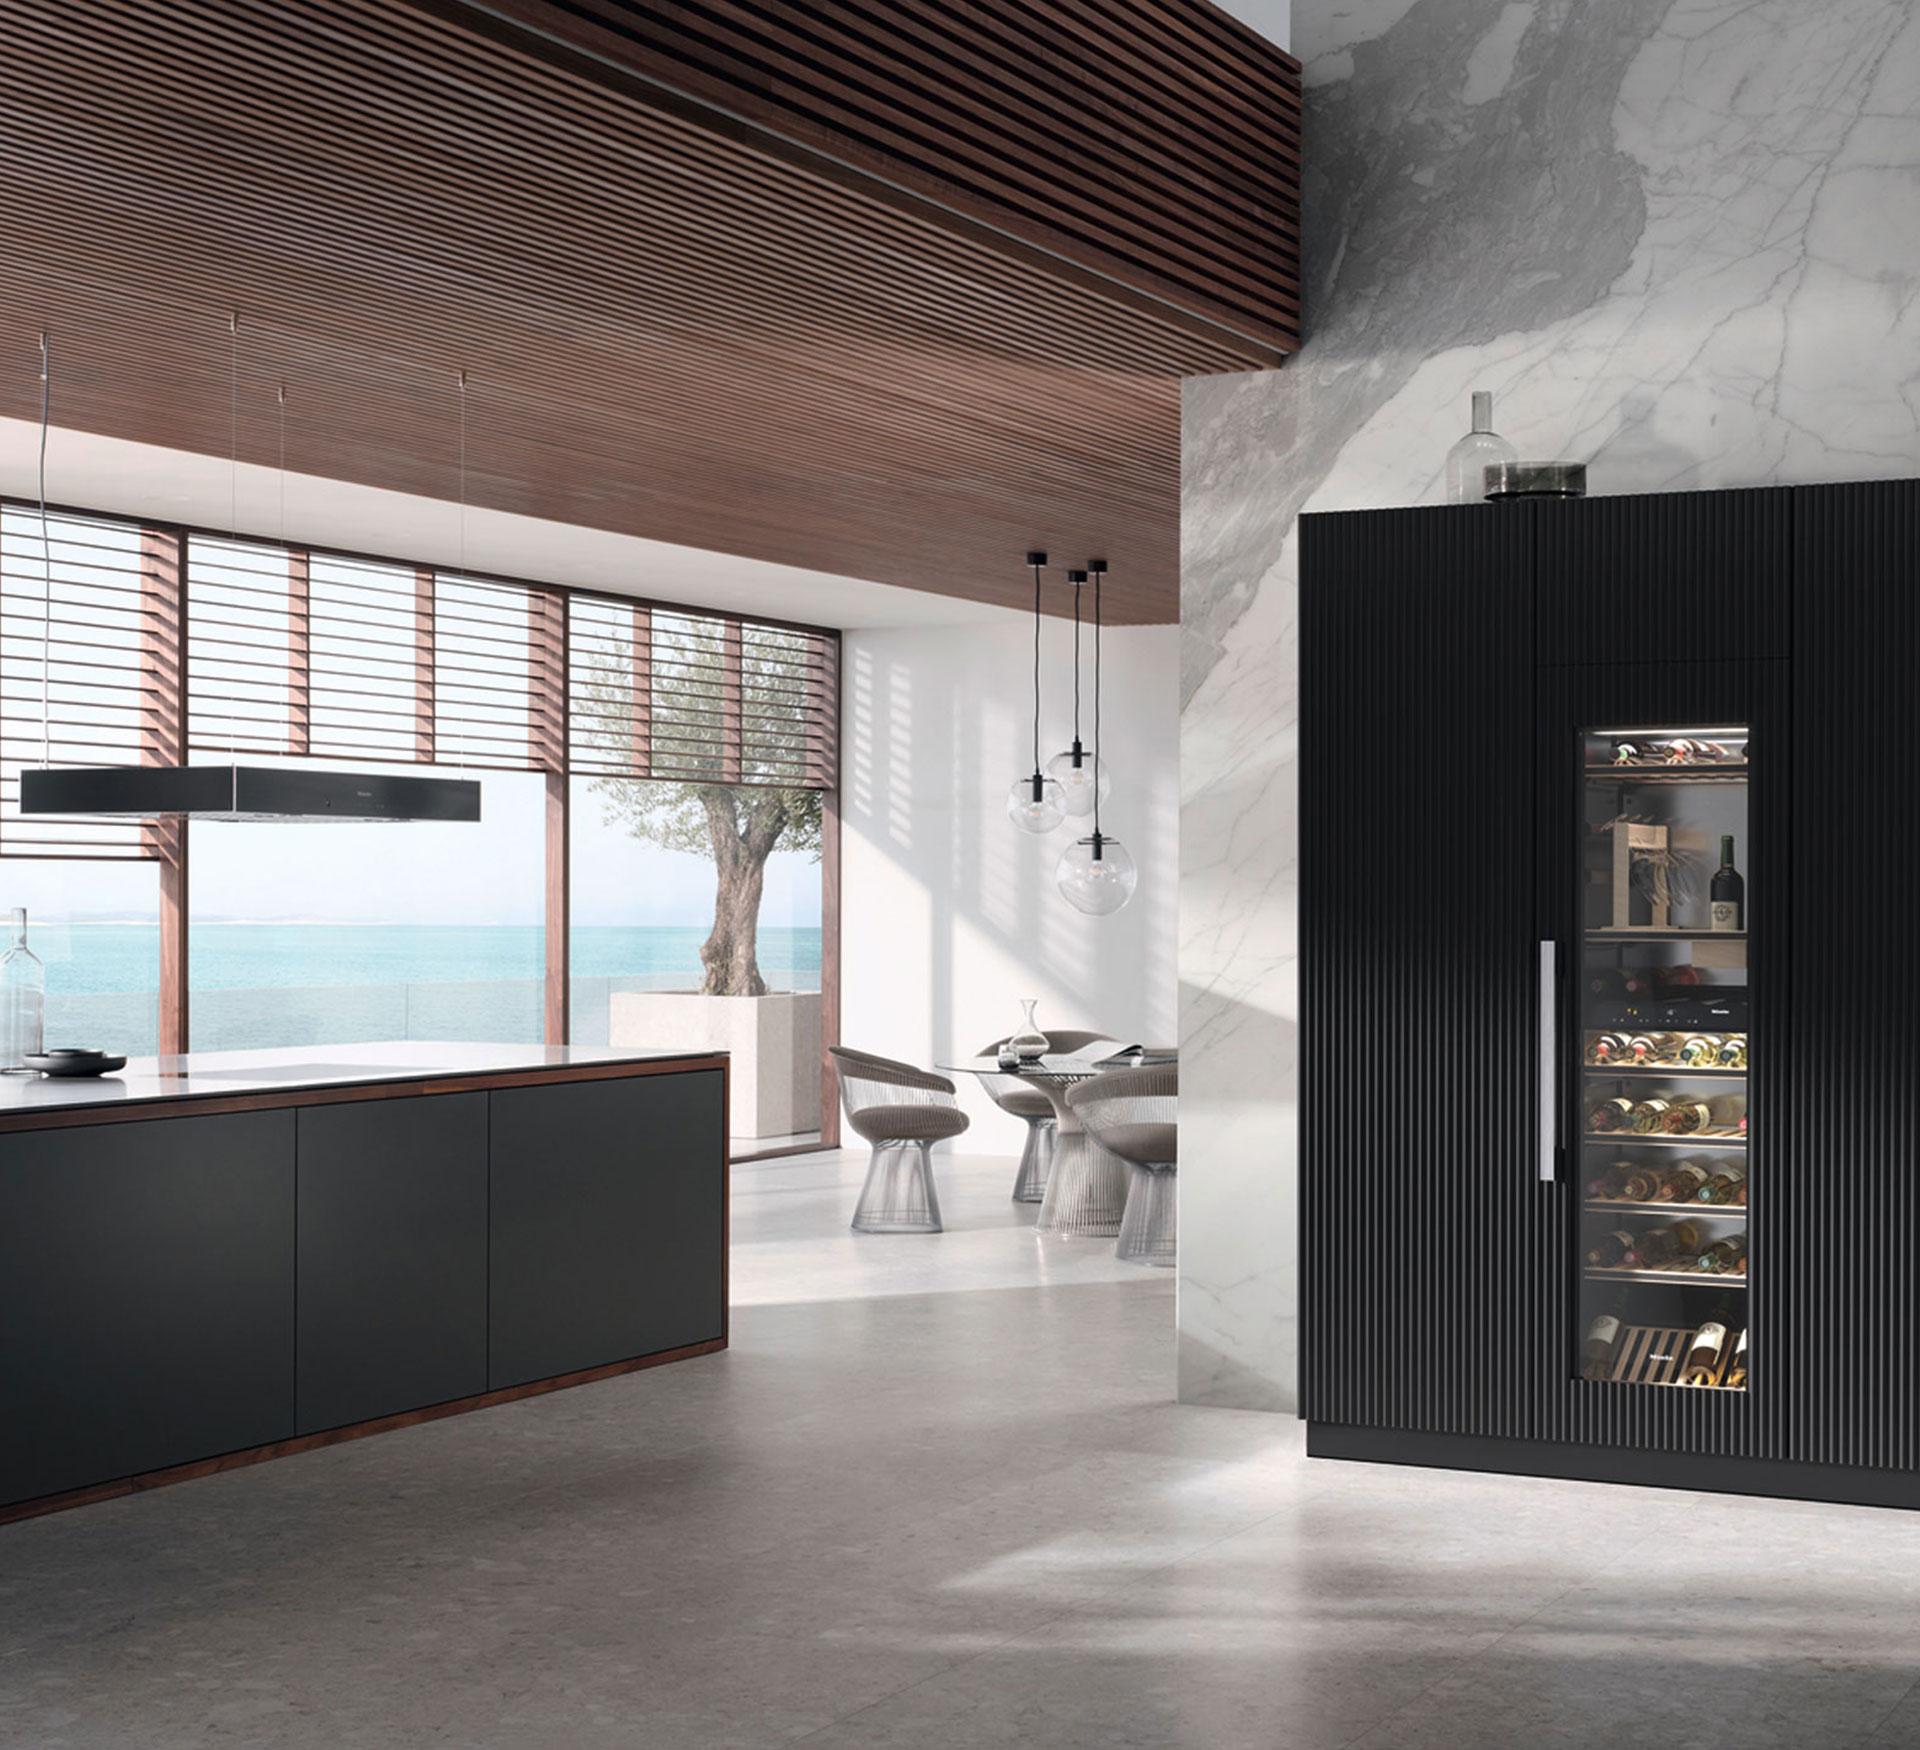 Miele Einbau-Weintemperierschrank KWT 6722 iGS in einer offenen Küche verbaut, im Hintergrund das Meer und eine Sonnenterasse